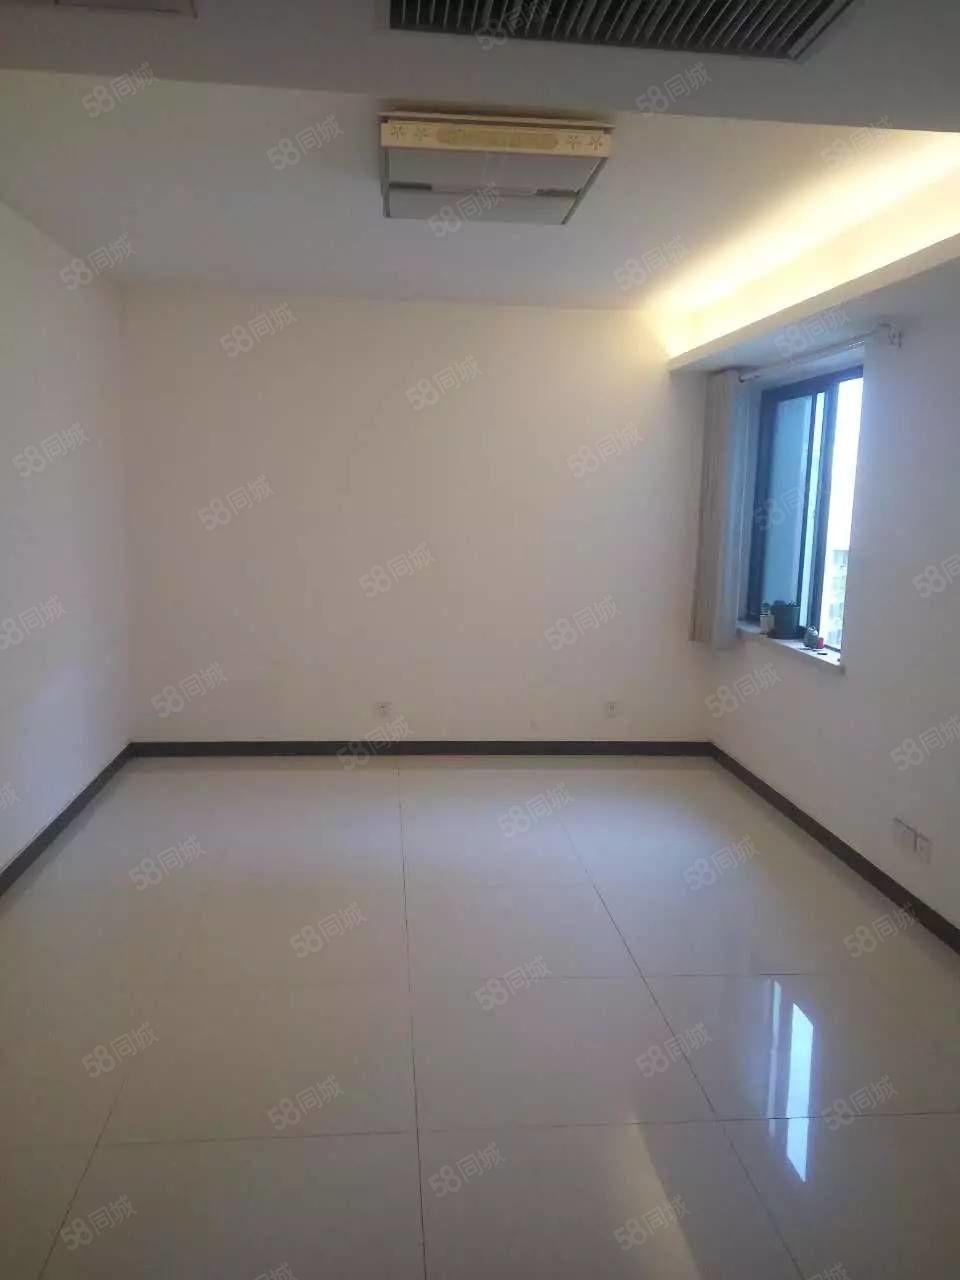 万丰慧城,111平米3室2厅,有房本产权清晰,直接过户不冒险